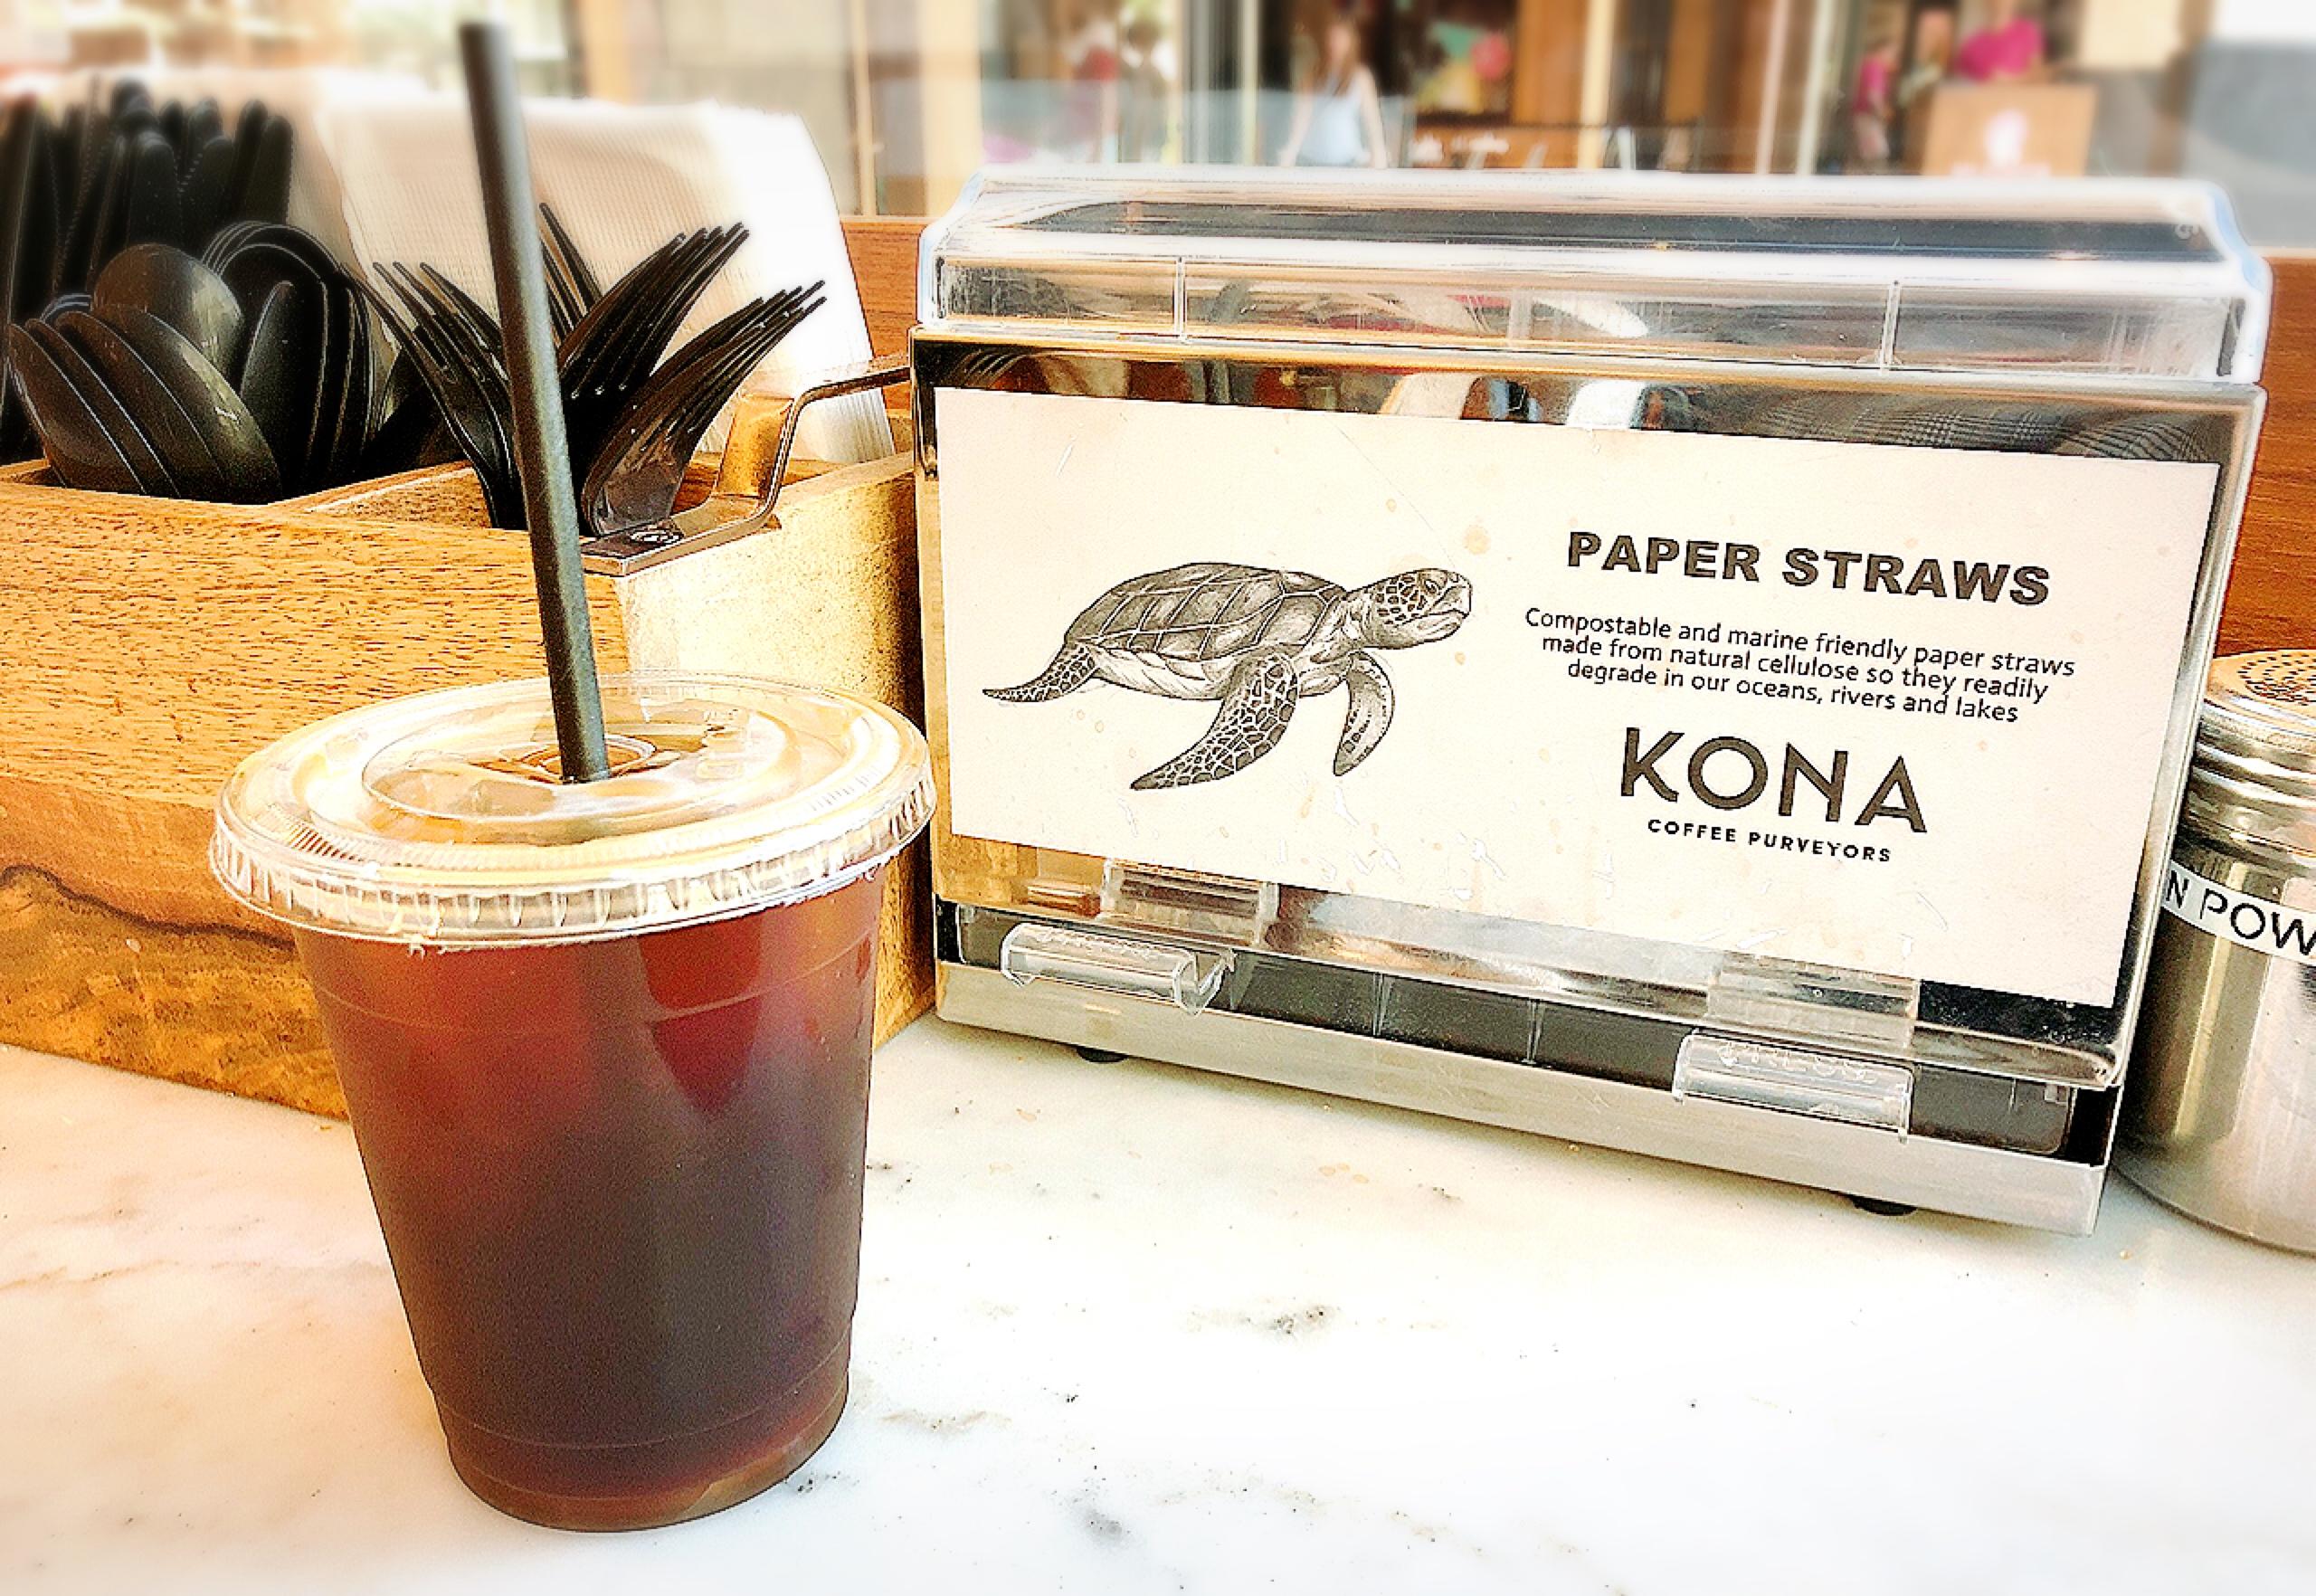 【#Hawaii CAFE】美味しいパンとコーヒーを頂くならここ( ´ ▽ ` )!アクセス抜群のおしゃれカフェ_9